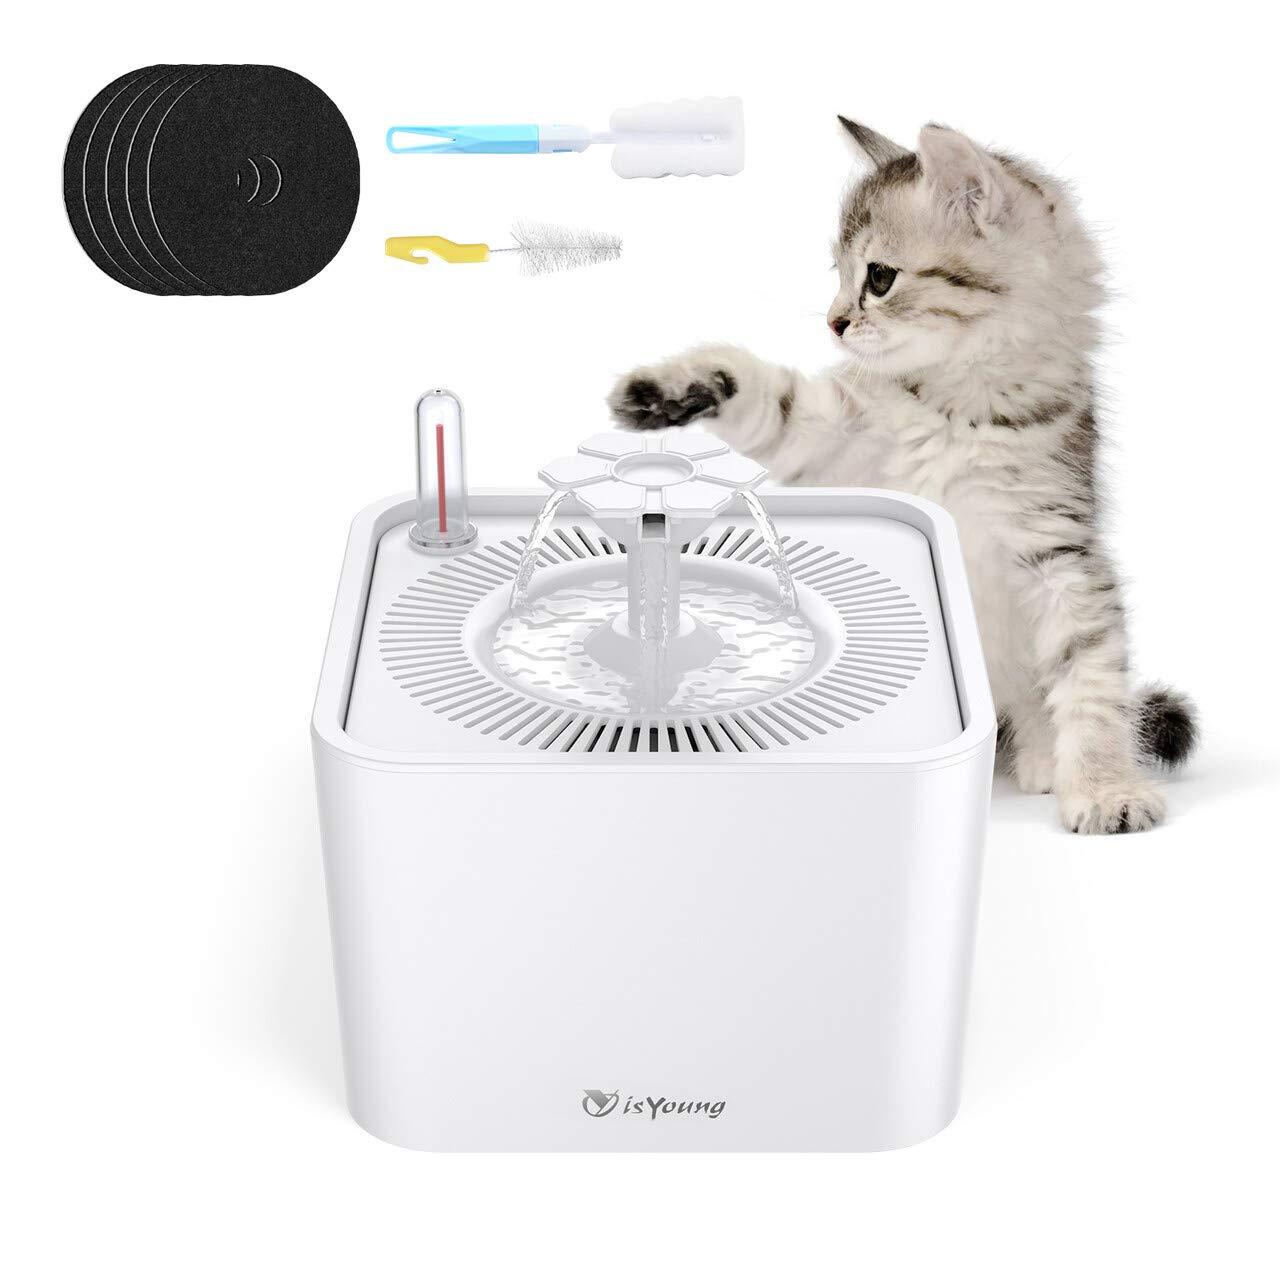 isYoung Bebedero Gatos Fuente Silencioso 2.2L para Perros y Gatos Bebedero Automático Fuente de Agua para Mascotas con 5 Filtros: Amazon.es: Electrónica